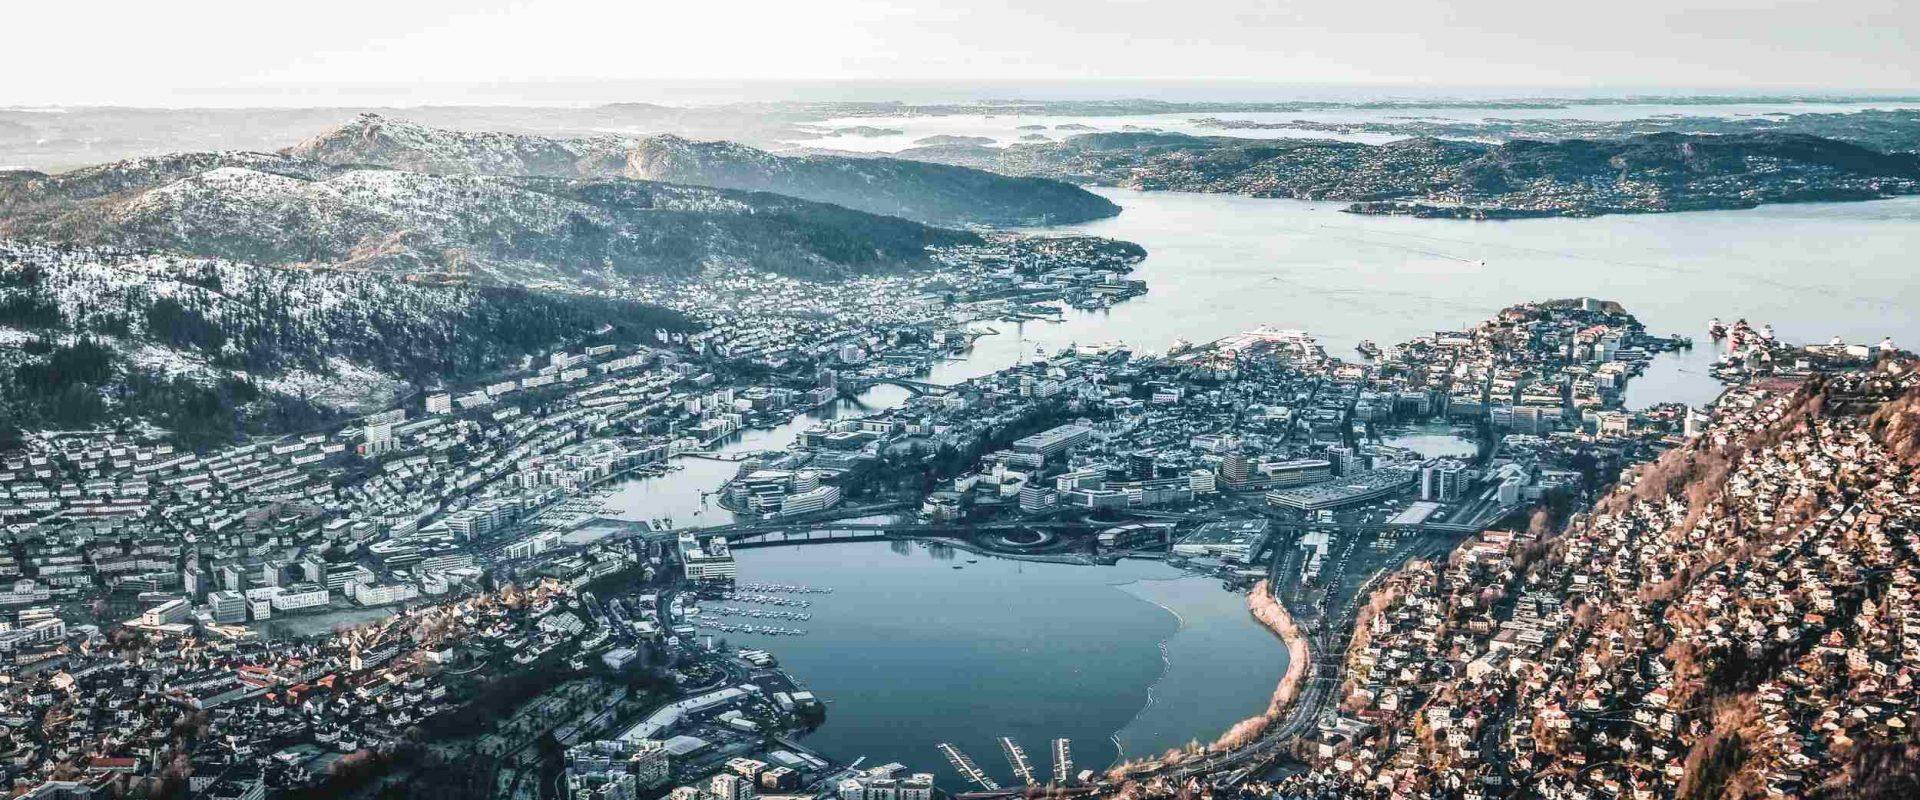 Oversiktsbilde over Bergen, sett ovenfra